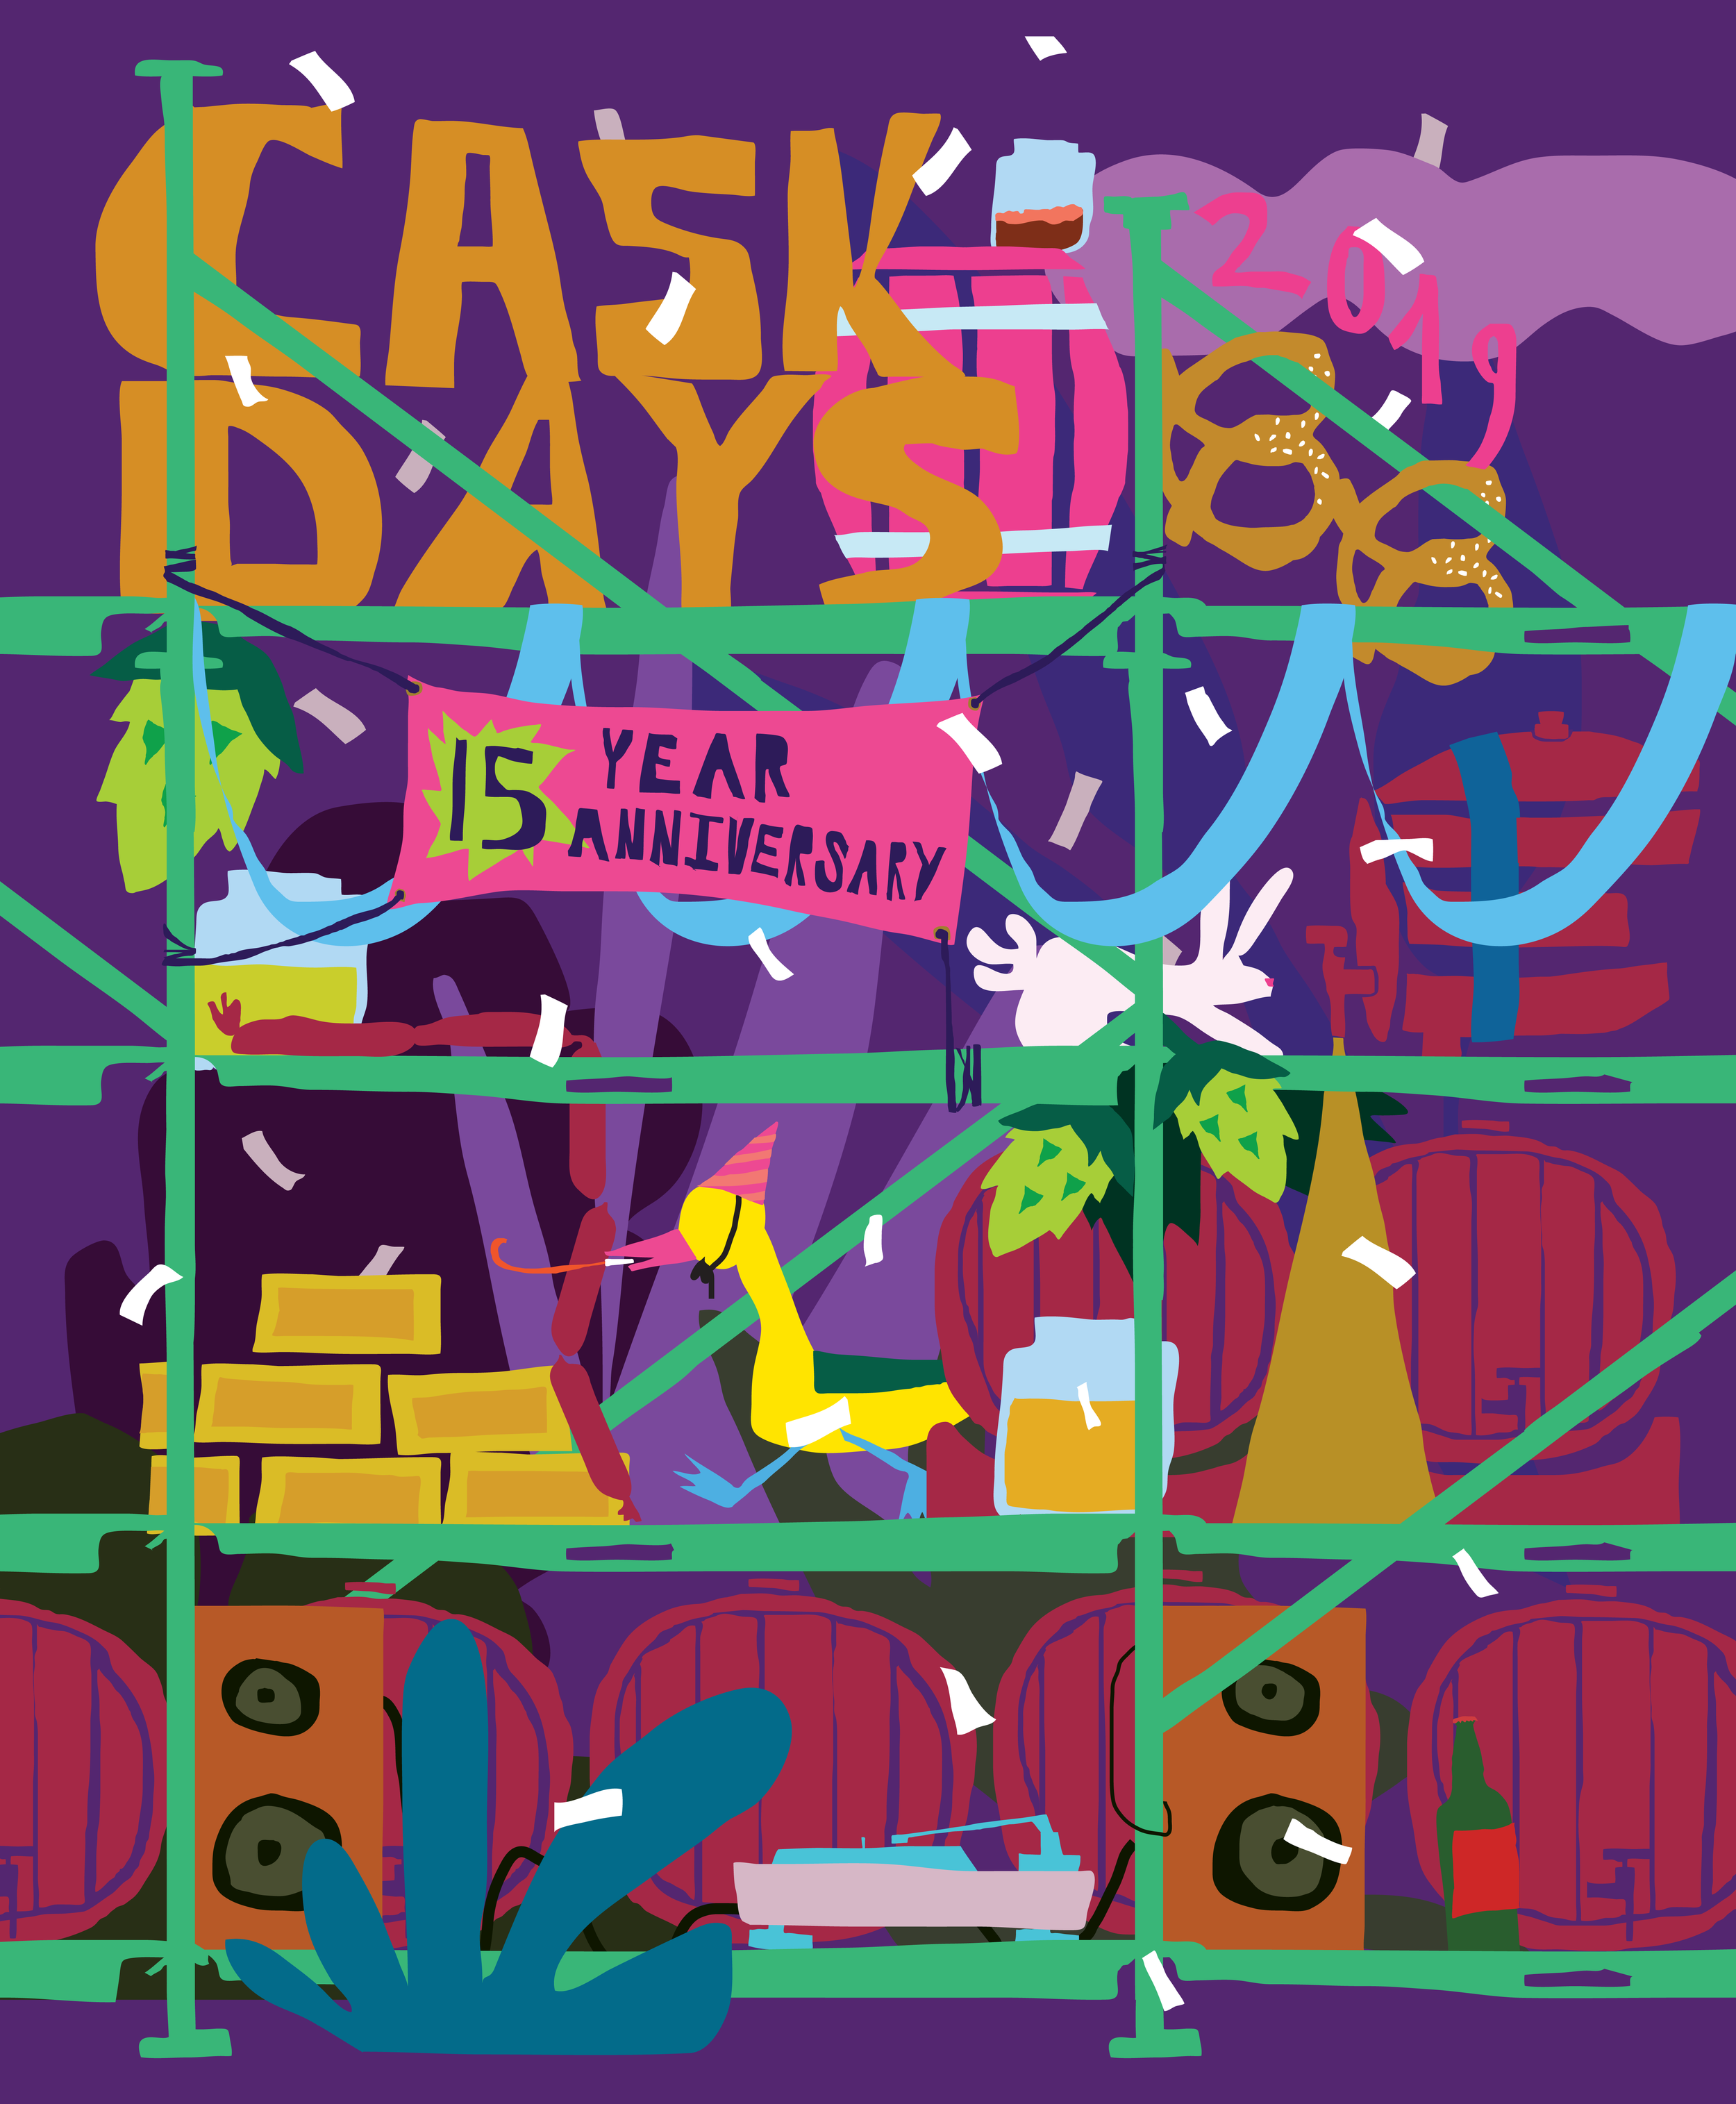 caskdays-header-01.png